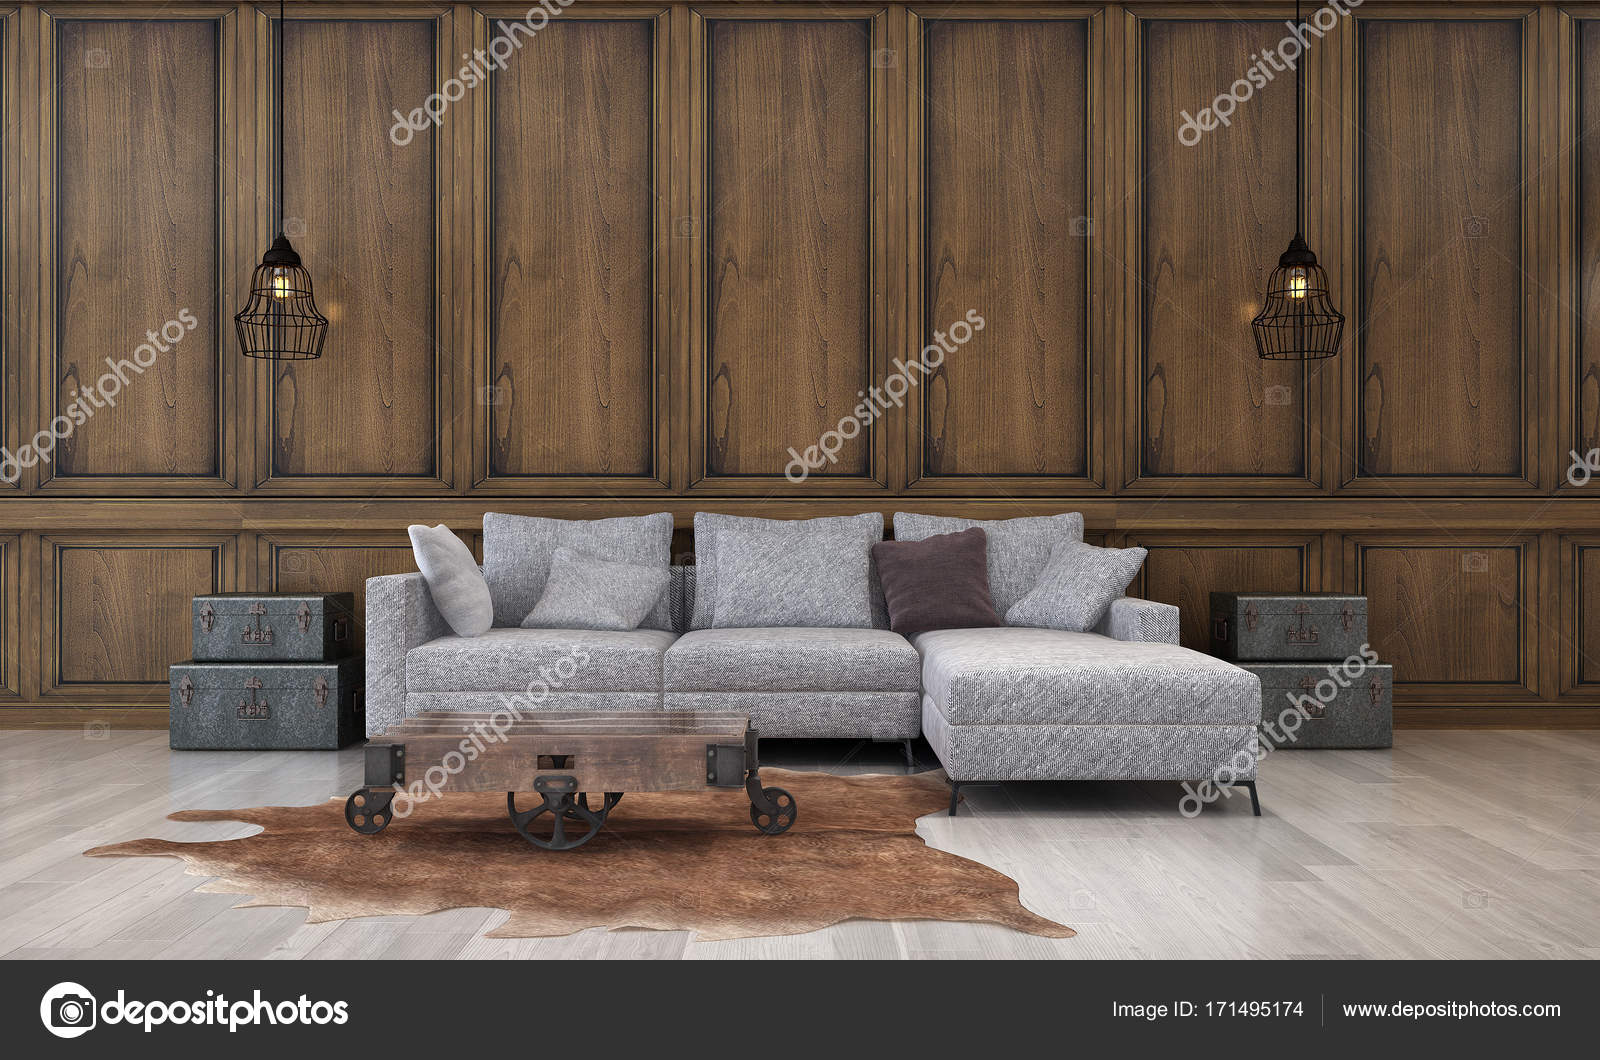 Het interieur design concept idee van luxe woonkamer en hout patroon